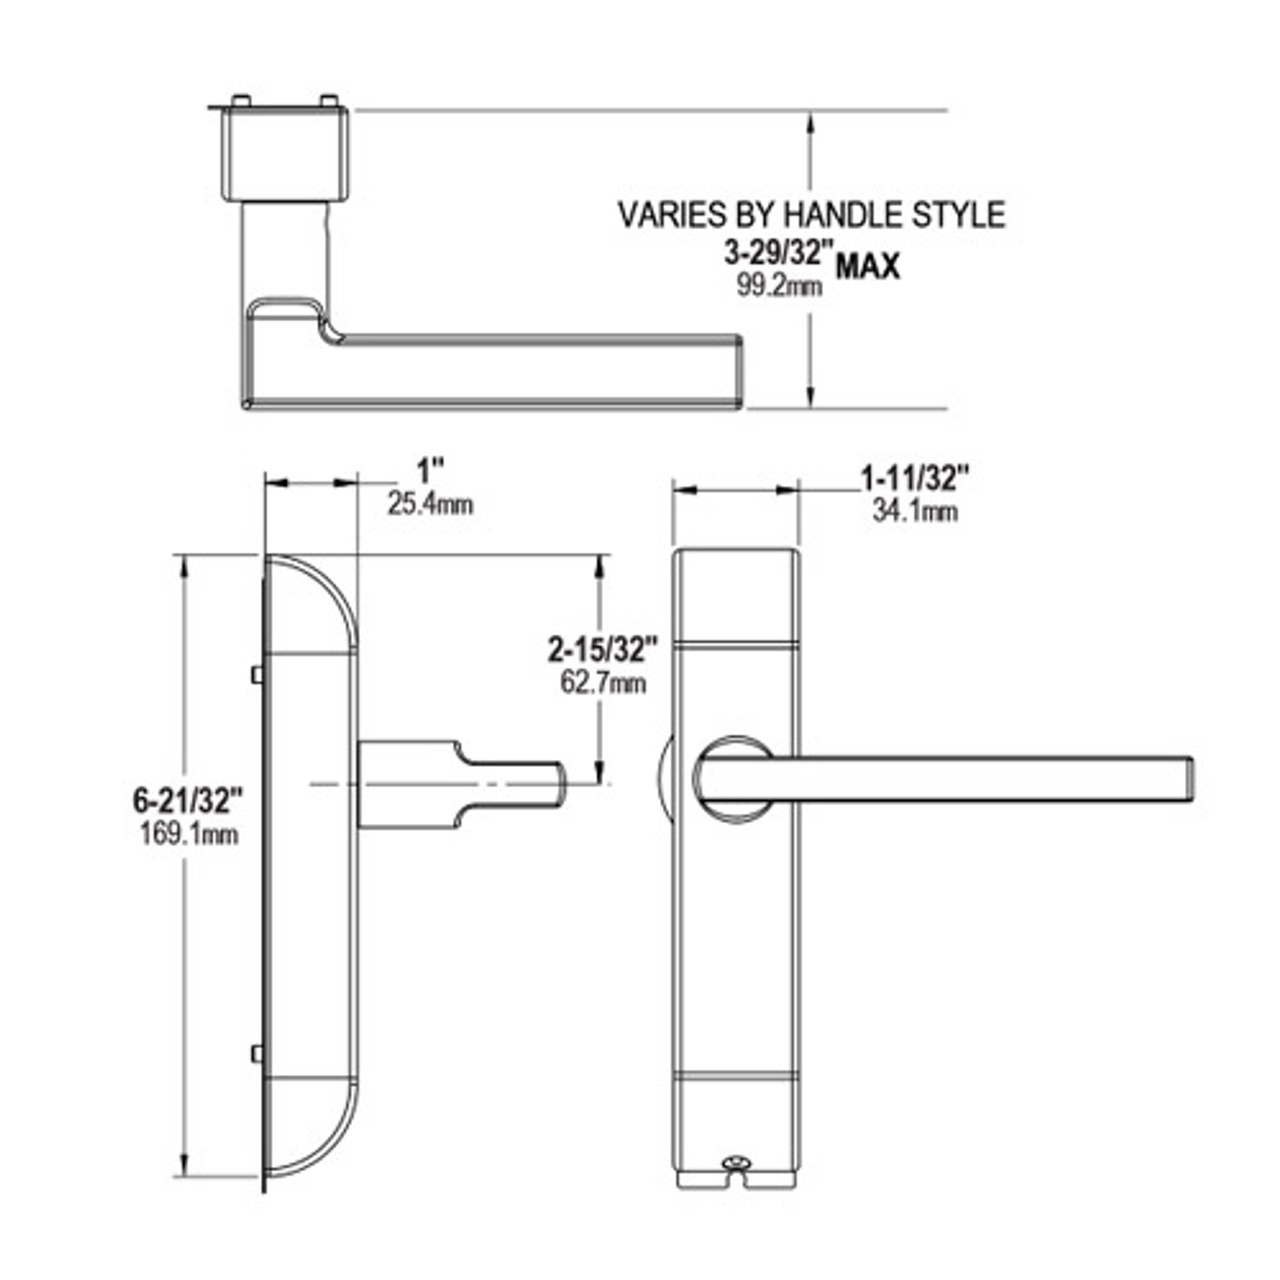 4600M-ME-532-US10B Adams Rite ME Designer handle Dimensional View